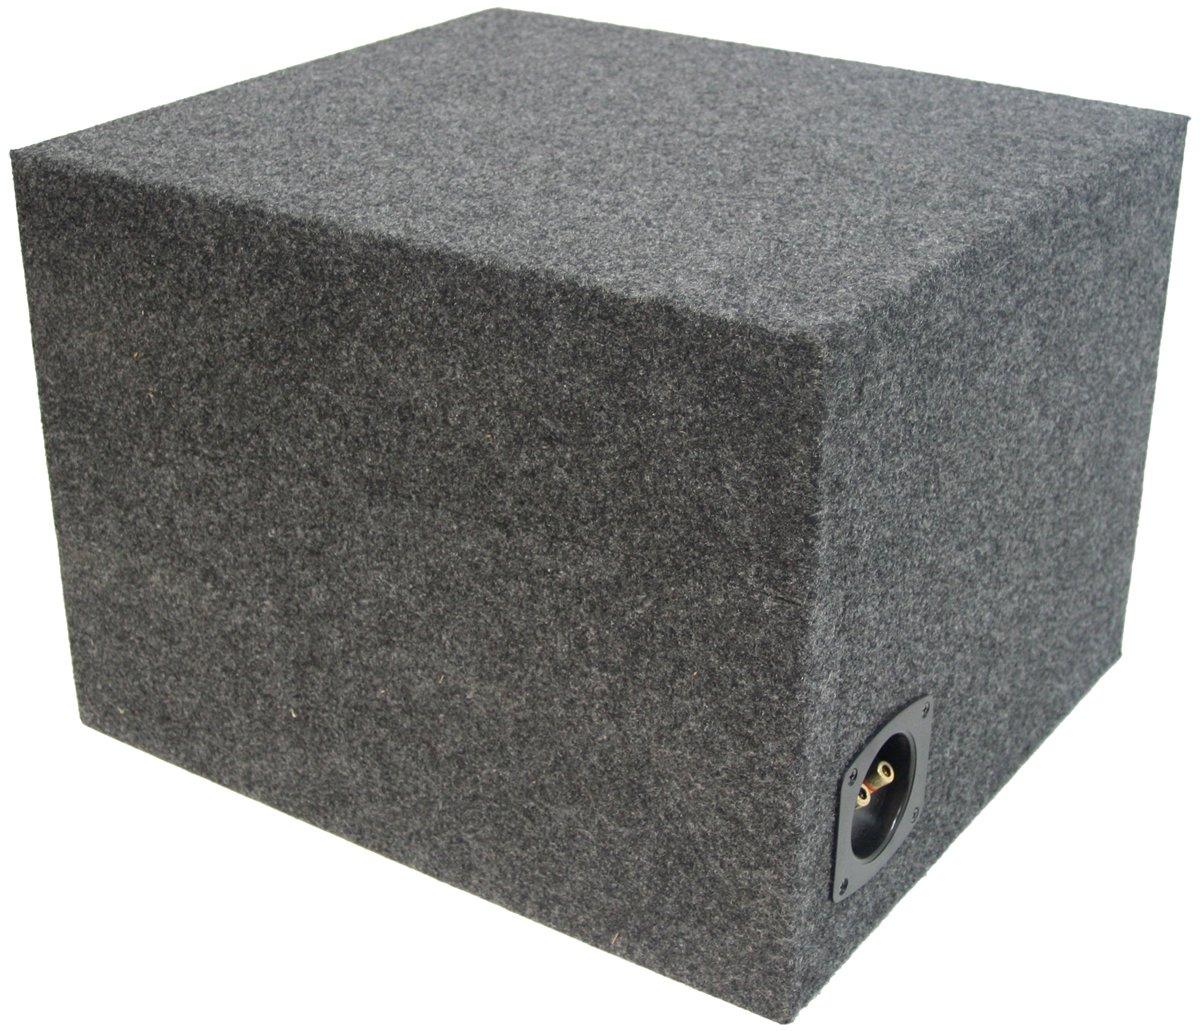 """Amazon.com: ASC Single 12"""" Subwoofer Kicker Square L3 L5 L7 Vented Port Sub  Box Speaker Enclosure: Car Electronics"""